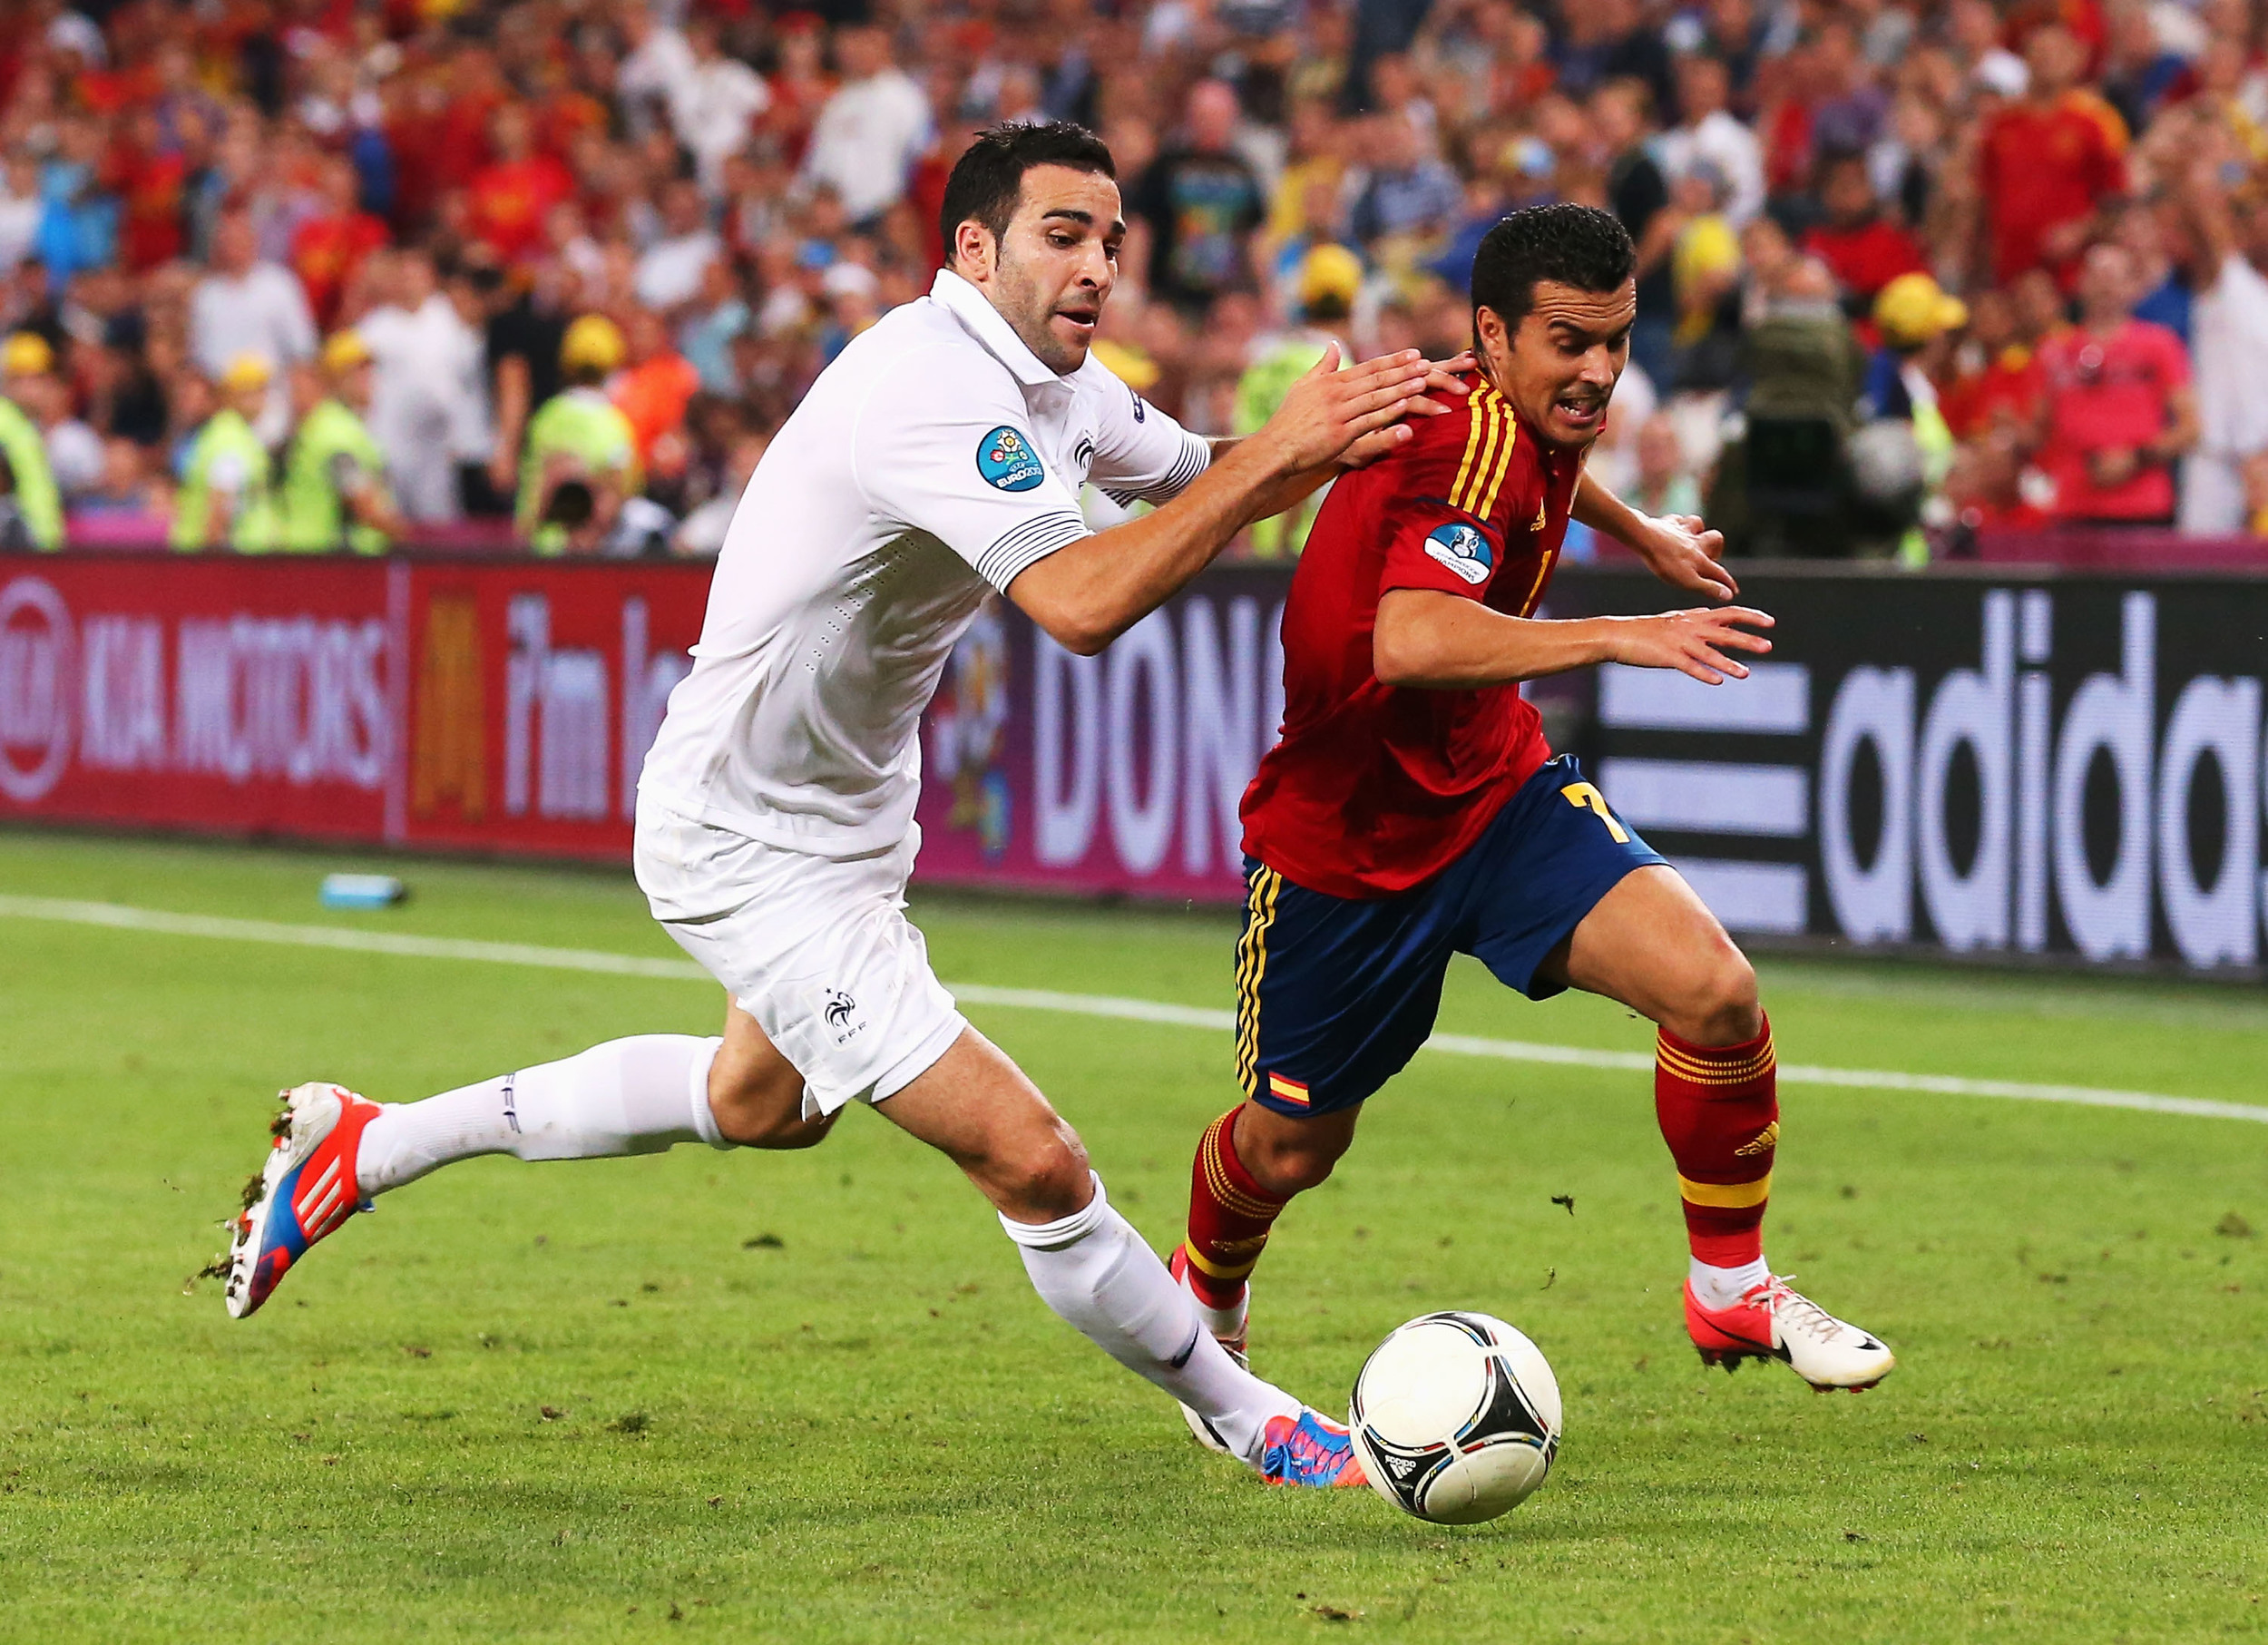 Pedro i aktion under slutrunden i 2012. Foto: Getty Images/Alex Livesay